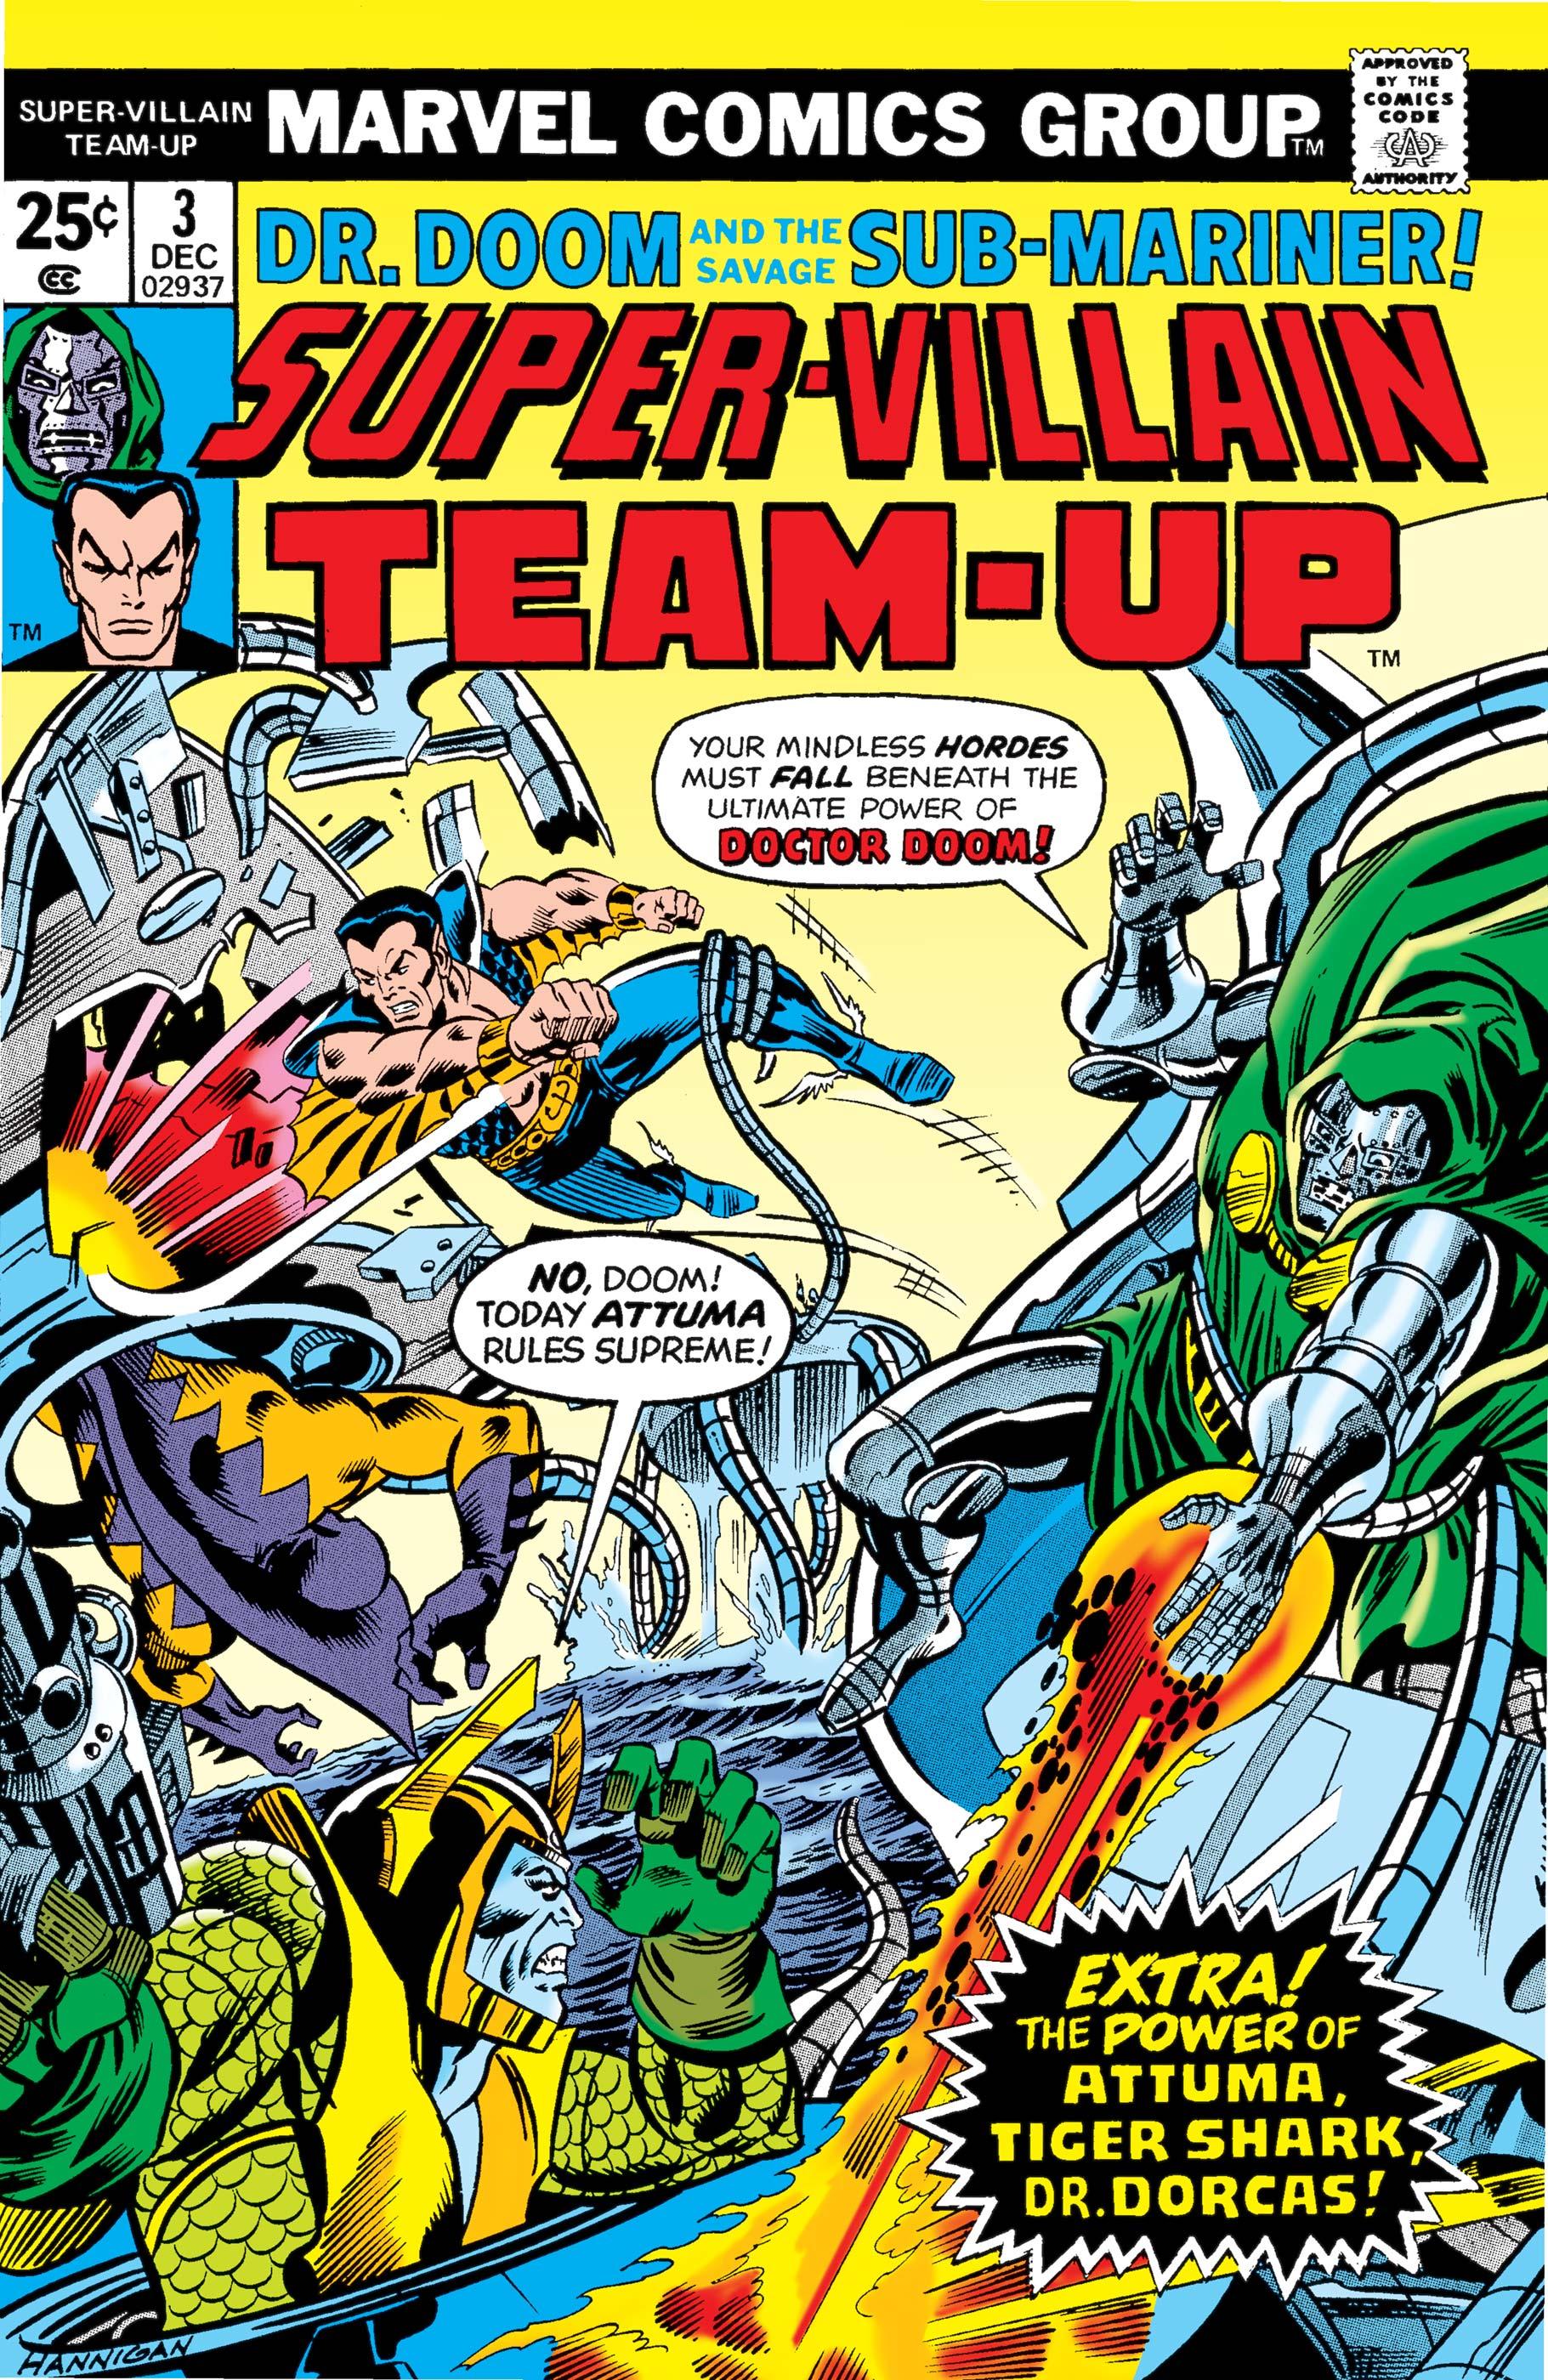 Super-Villain Team-Up (1975) #3